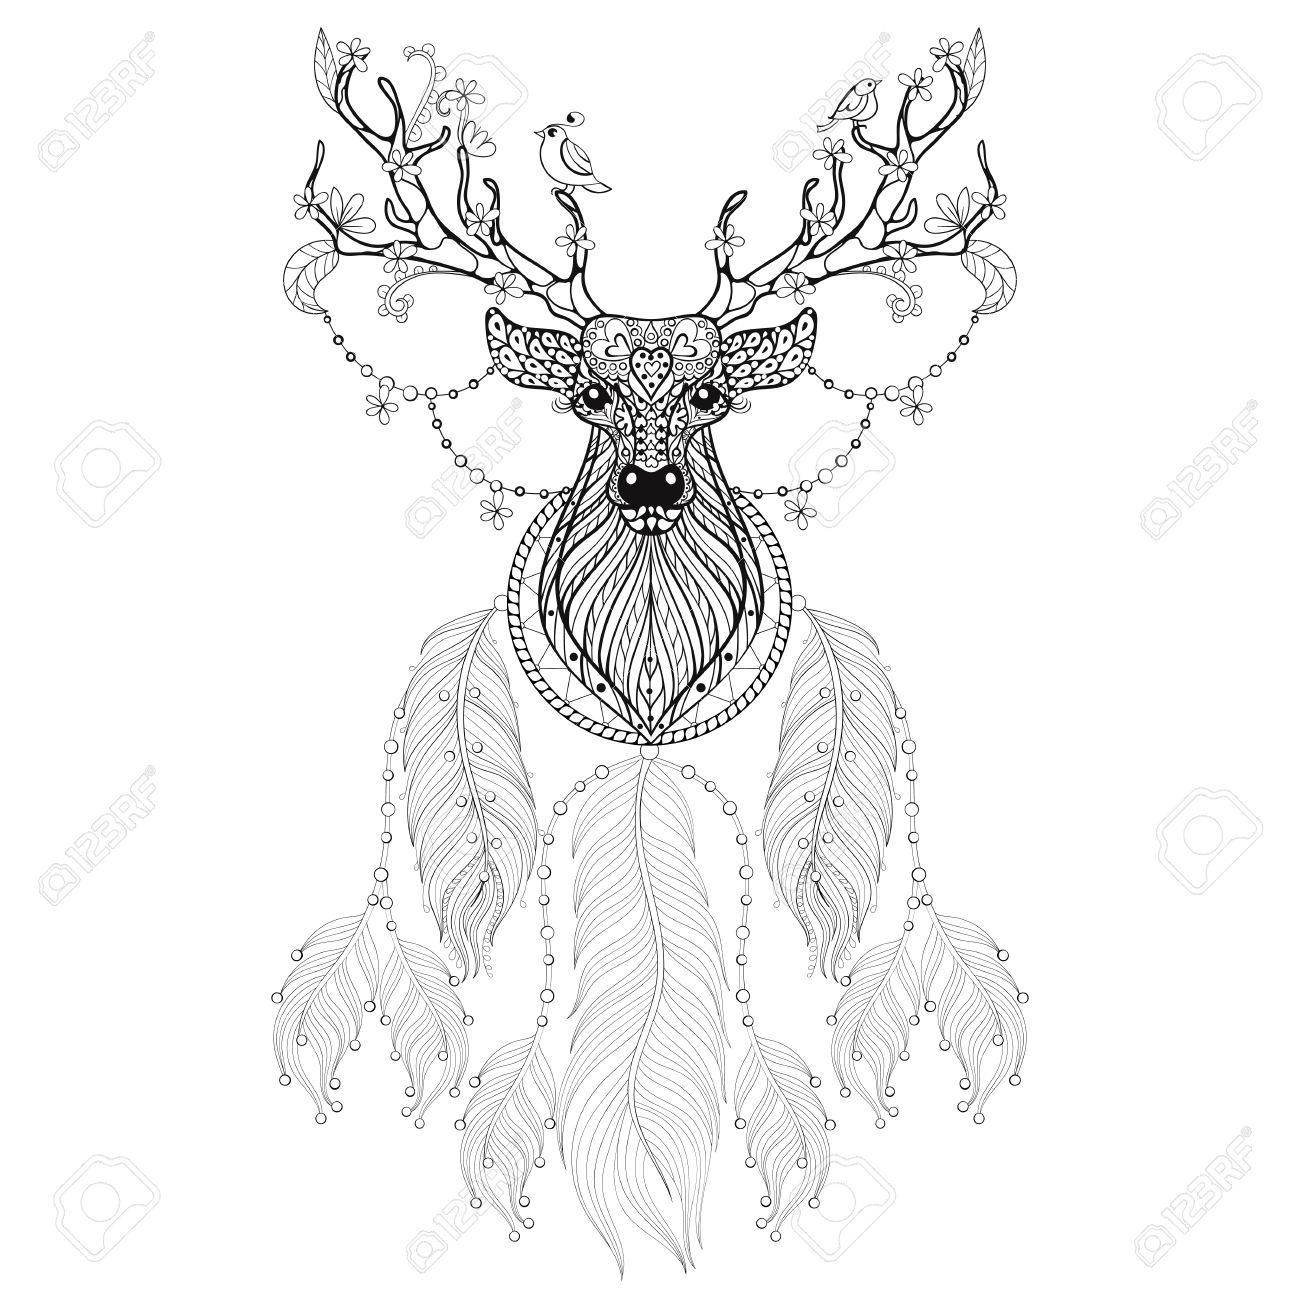 Hand Gezeichnet Traumfänger Mit Stammes Hprned Deer Mit Blumen Und ...